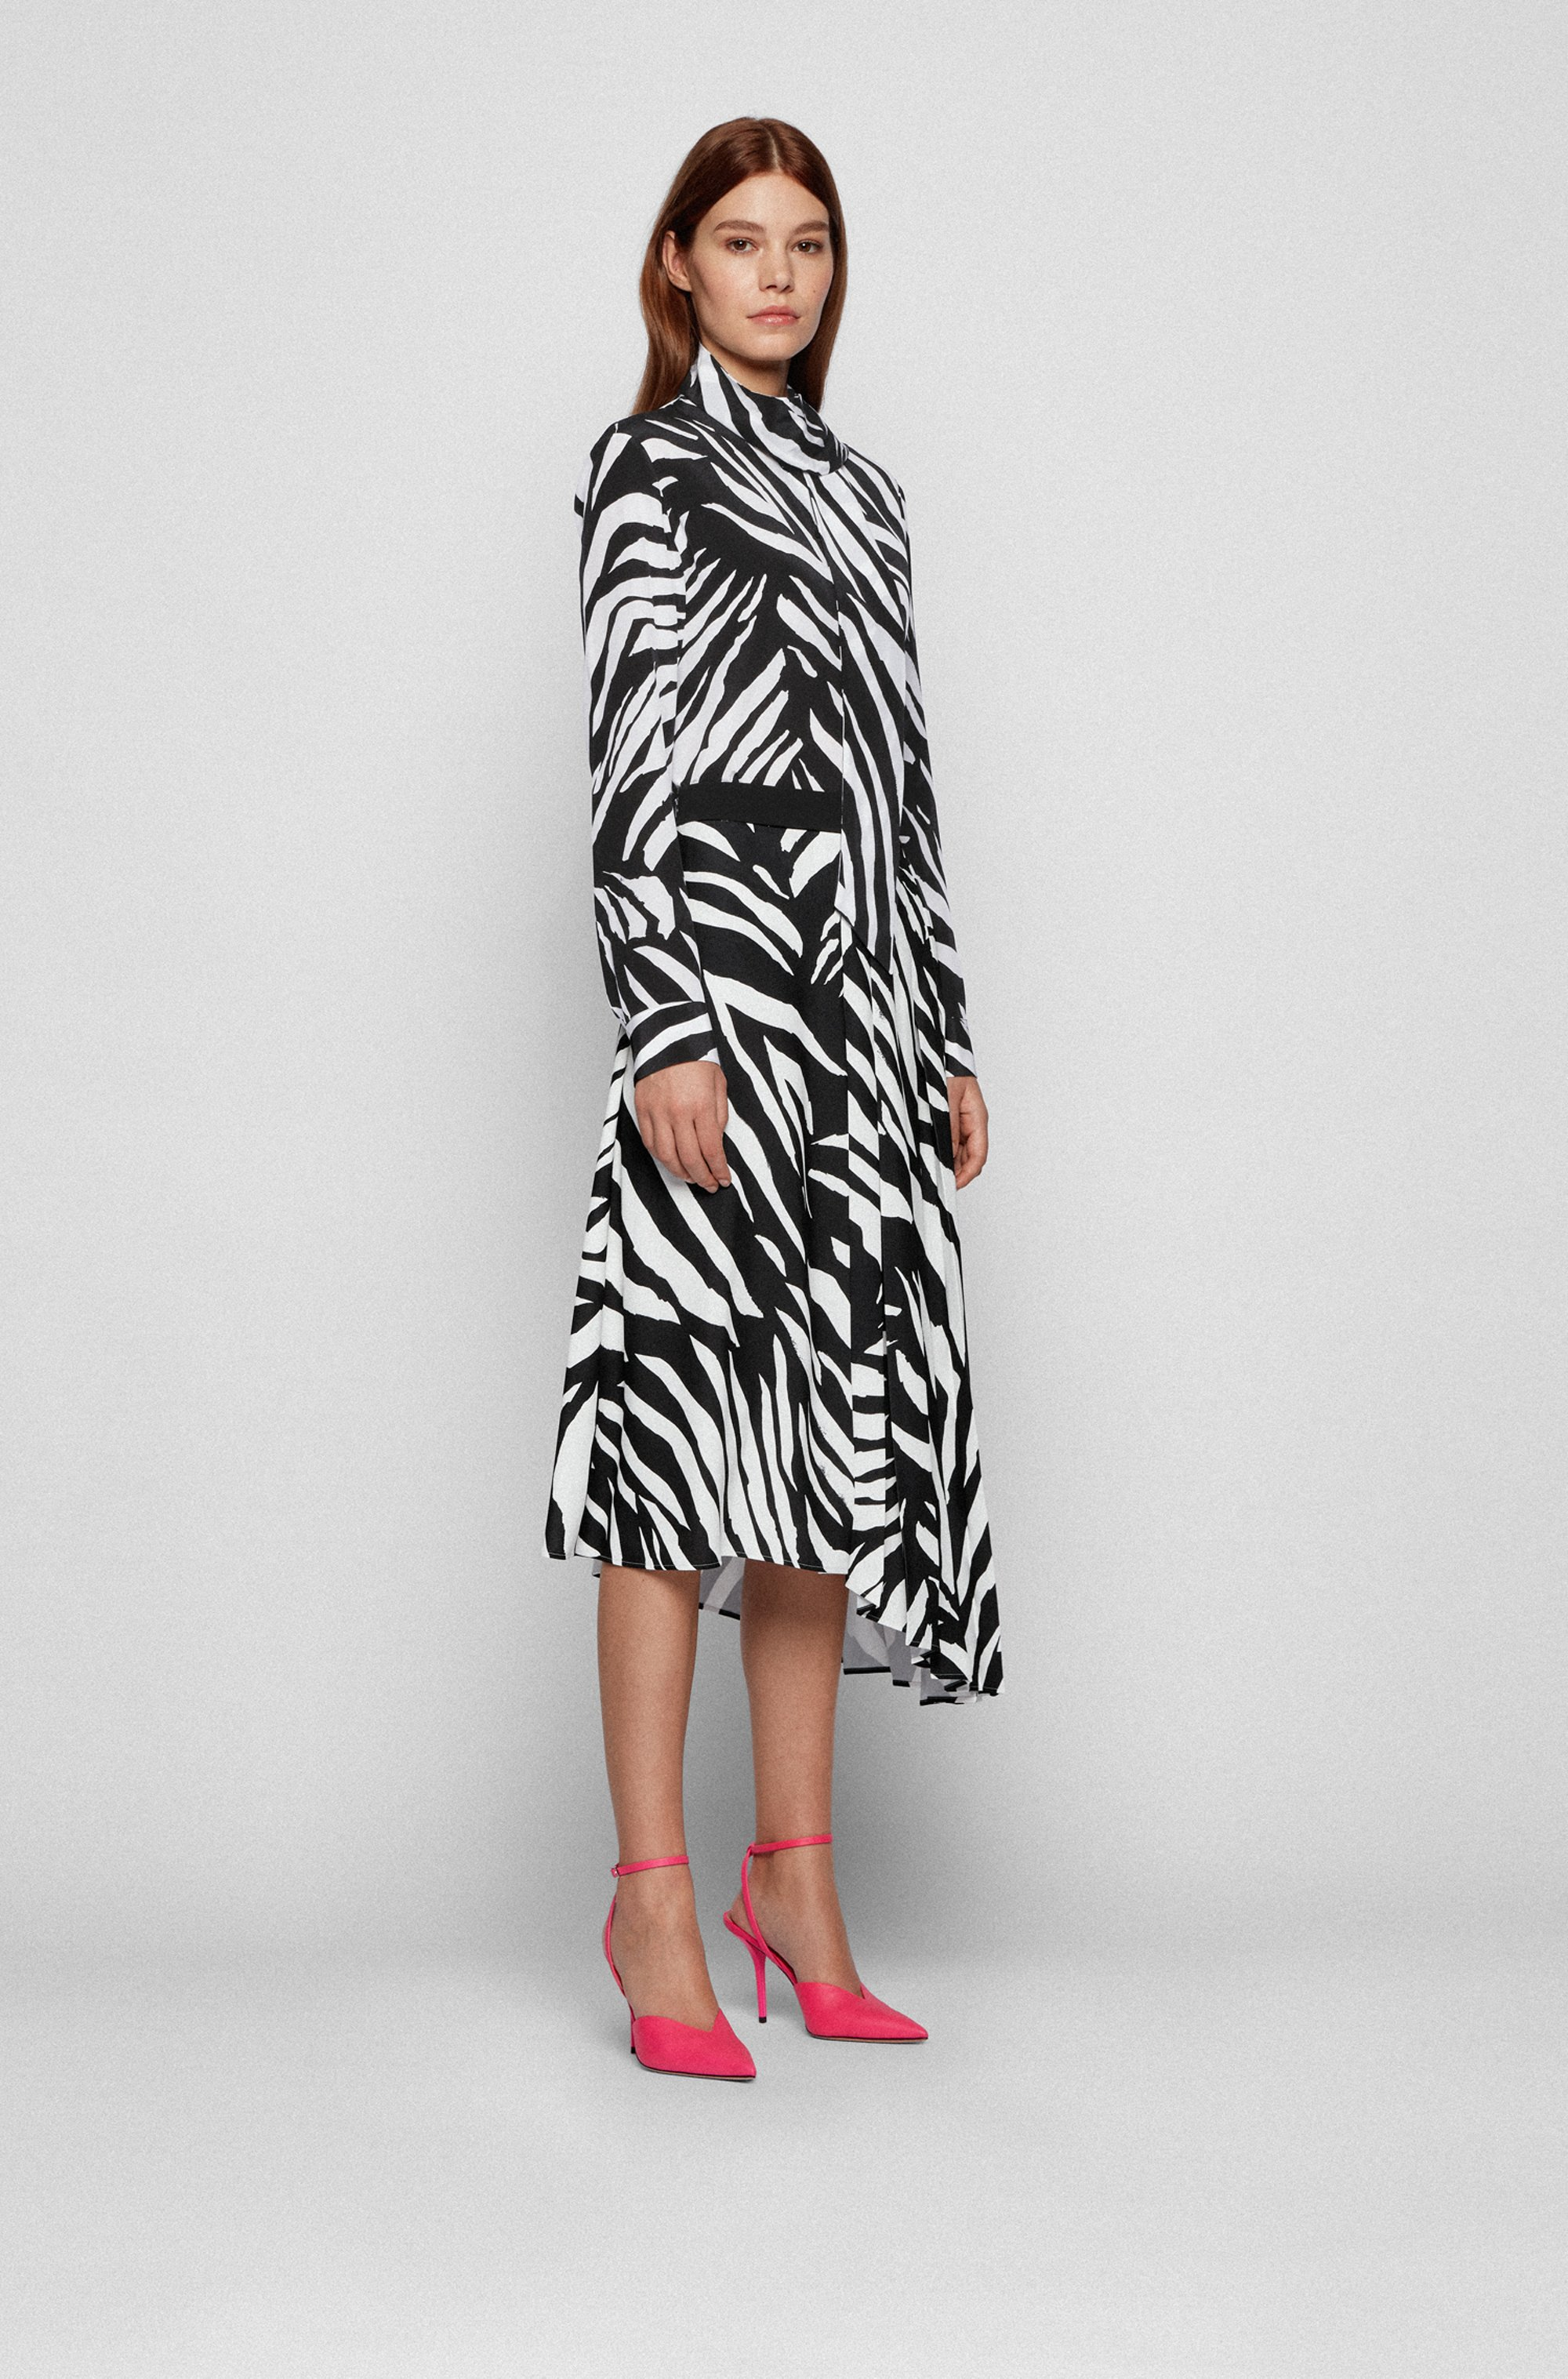 Falda midi con estampado de cebra y dobladillo asimétrico